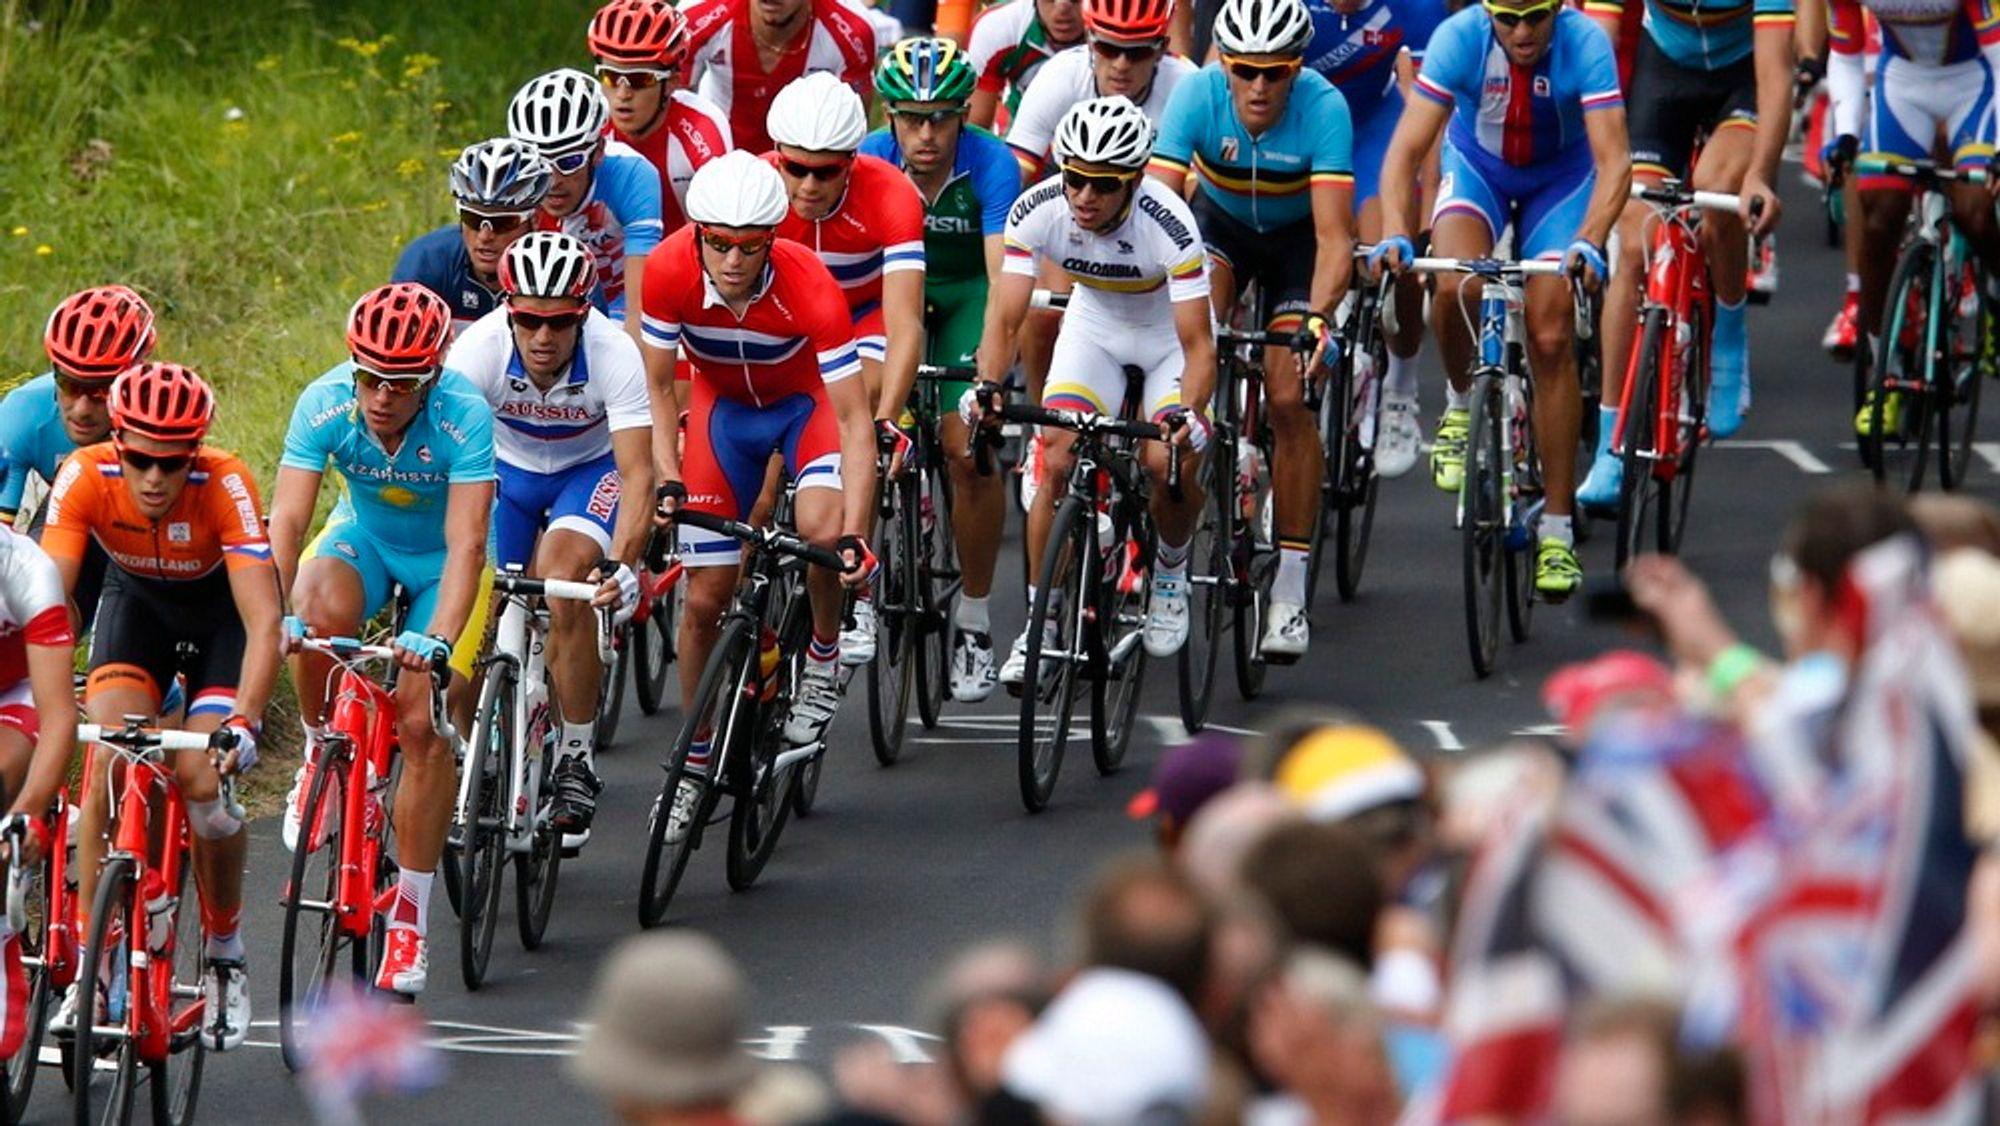 Den internasjonale olympiske komité skyldte på et overbelastet datanett for at landeveisrittet i sykkel lørdag ble sendt uten både tidsreferanser og grafikk.